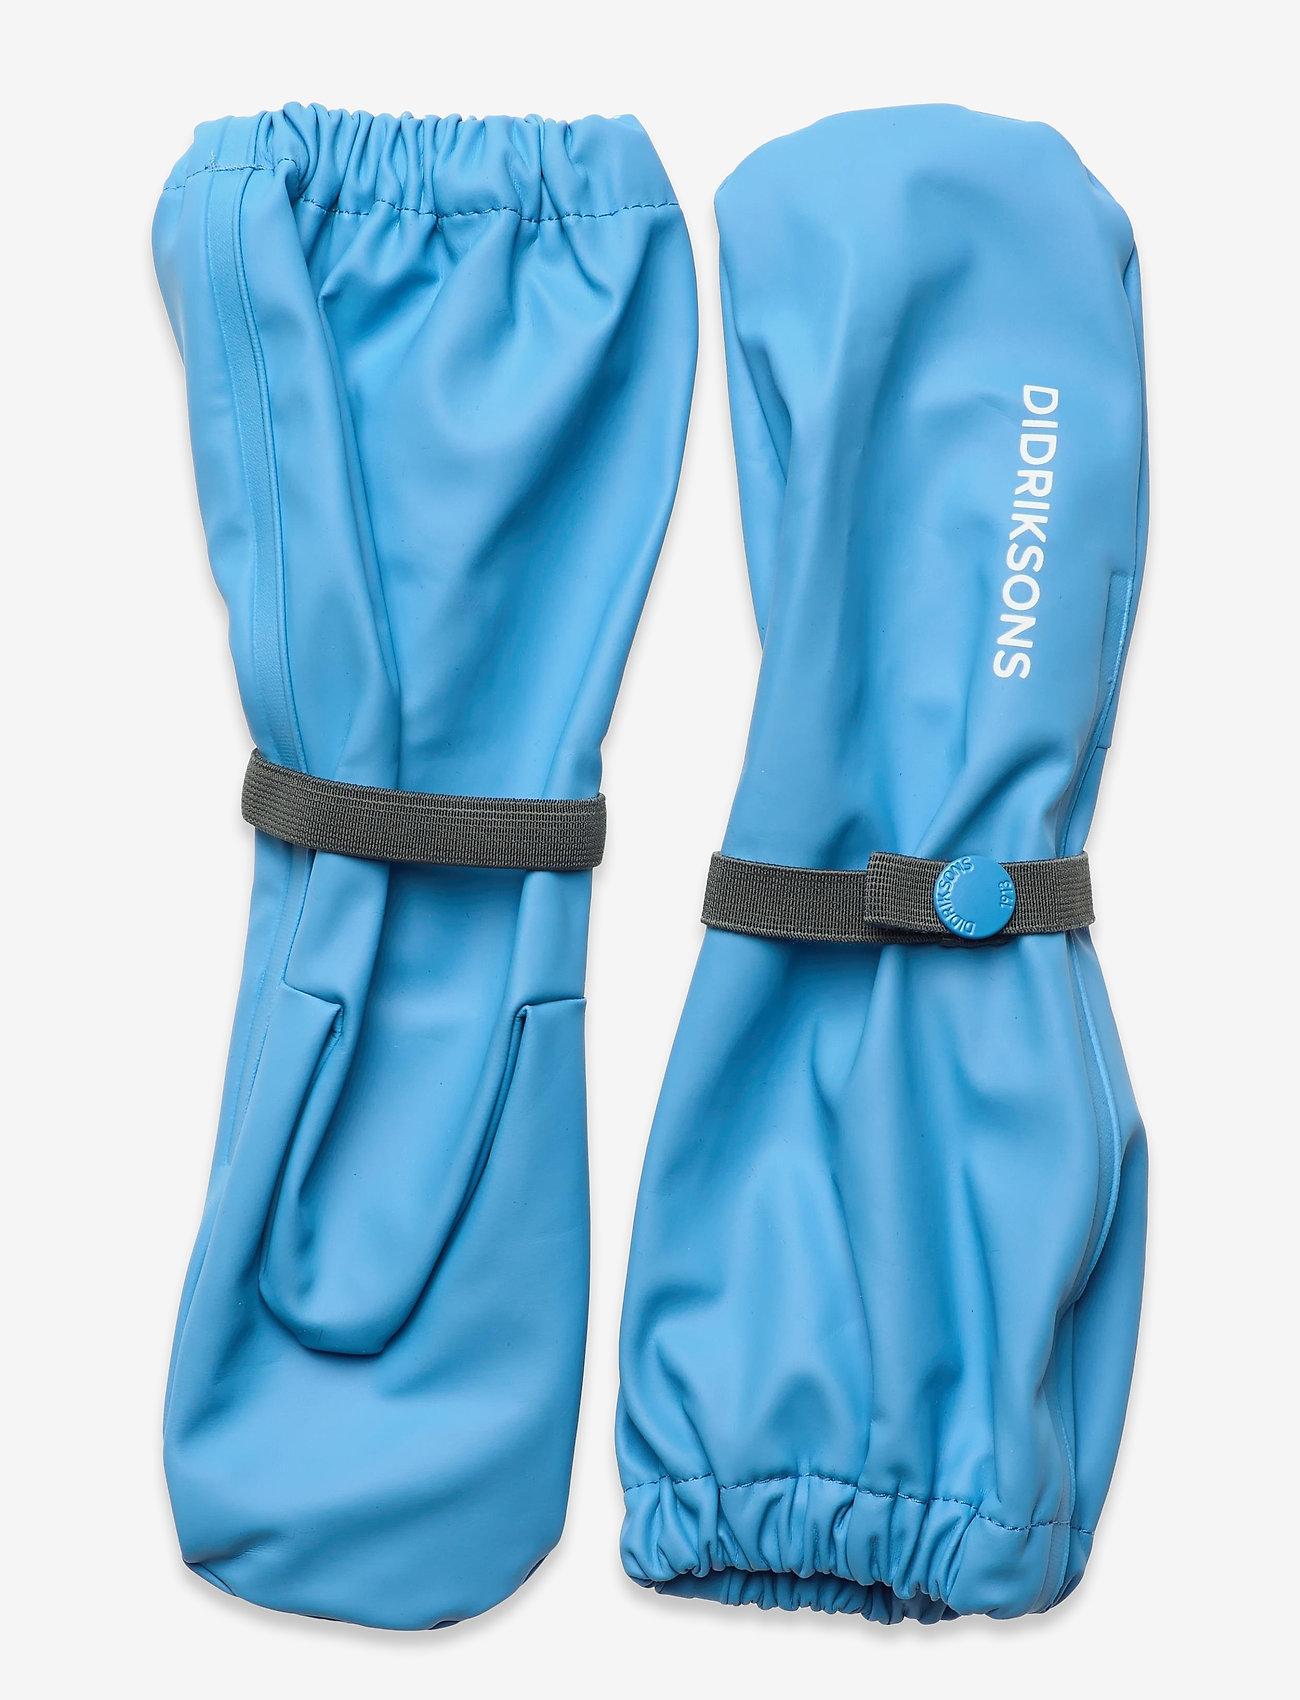 Didriksons - GLOVE KIDS 4 - handsker & vanter - breeze blue - 0